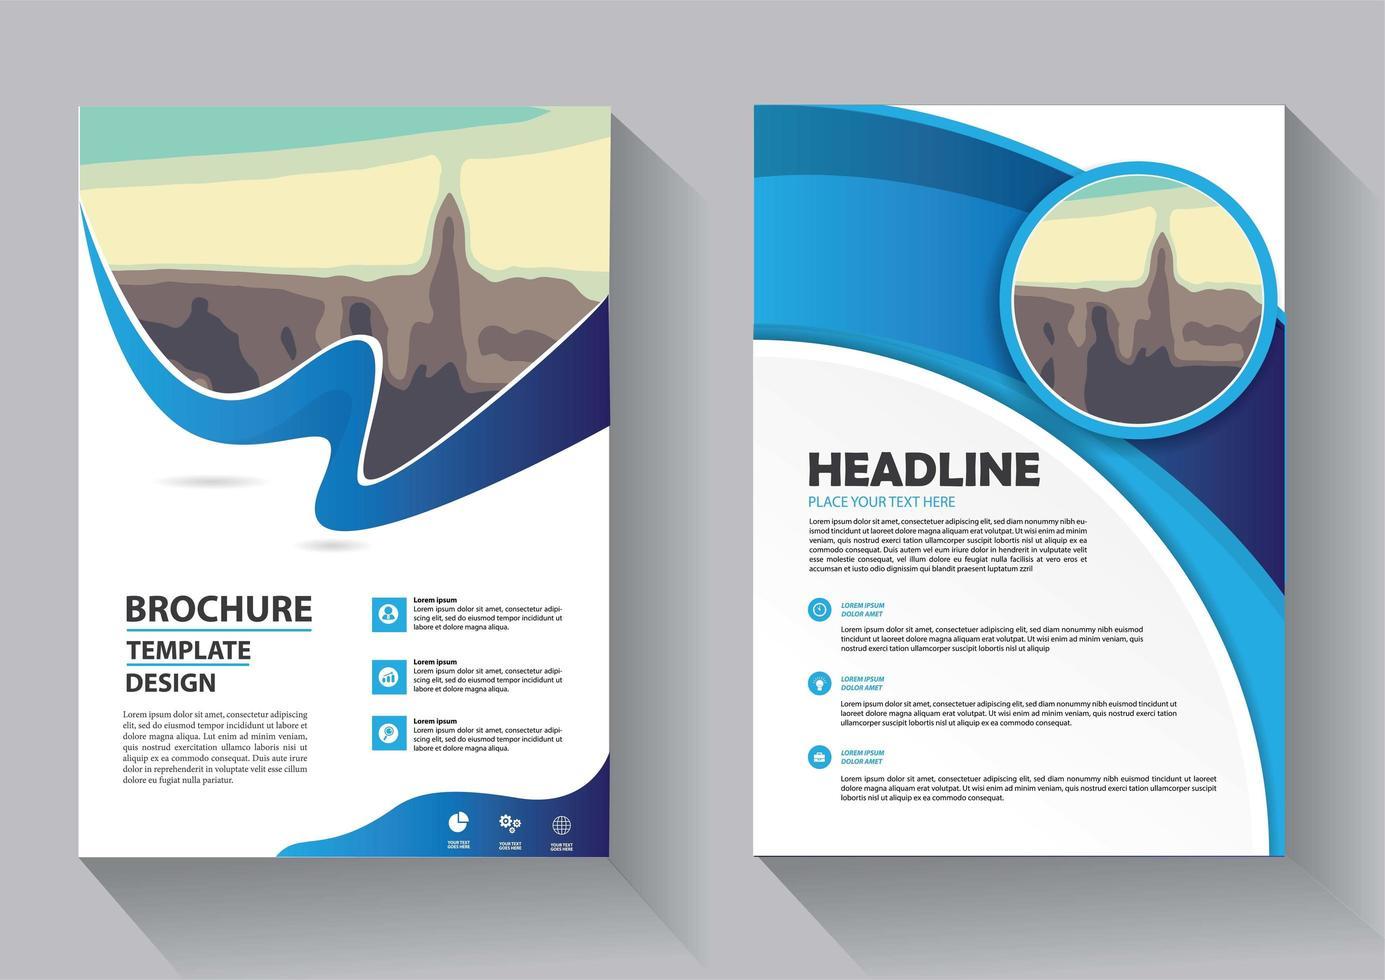 conception de modèle de flyer pour le rapport annuel de mise en page de couverture vecteur